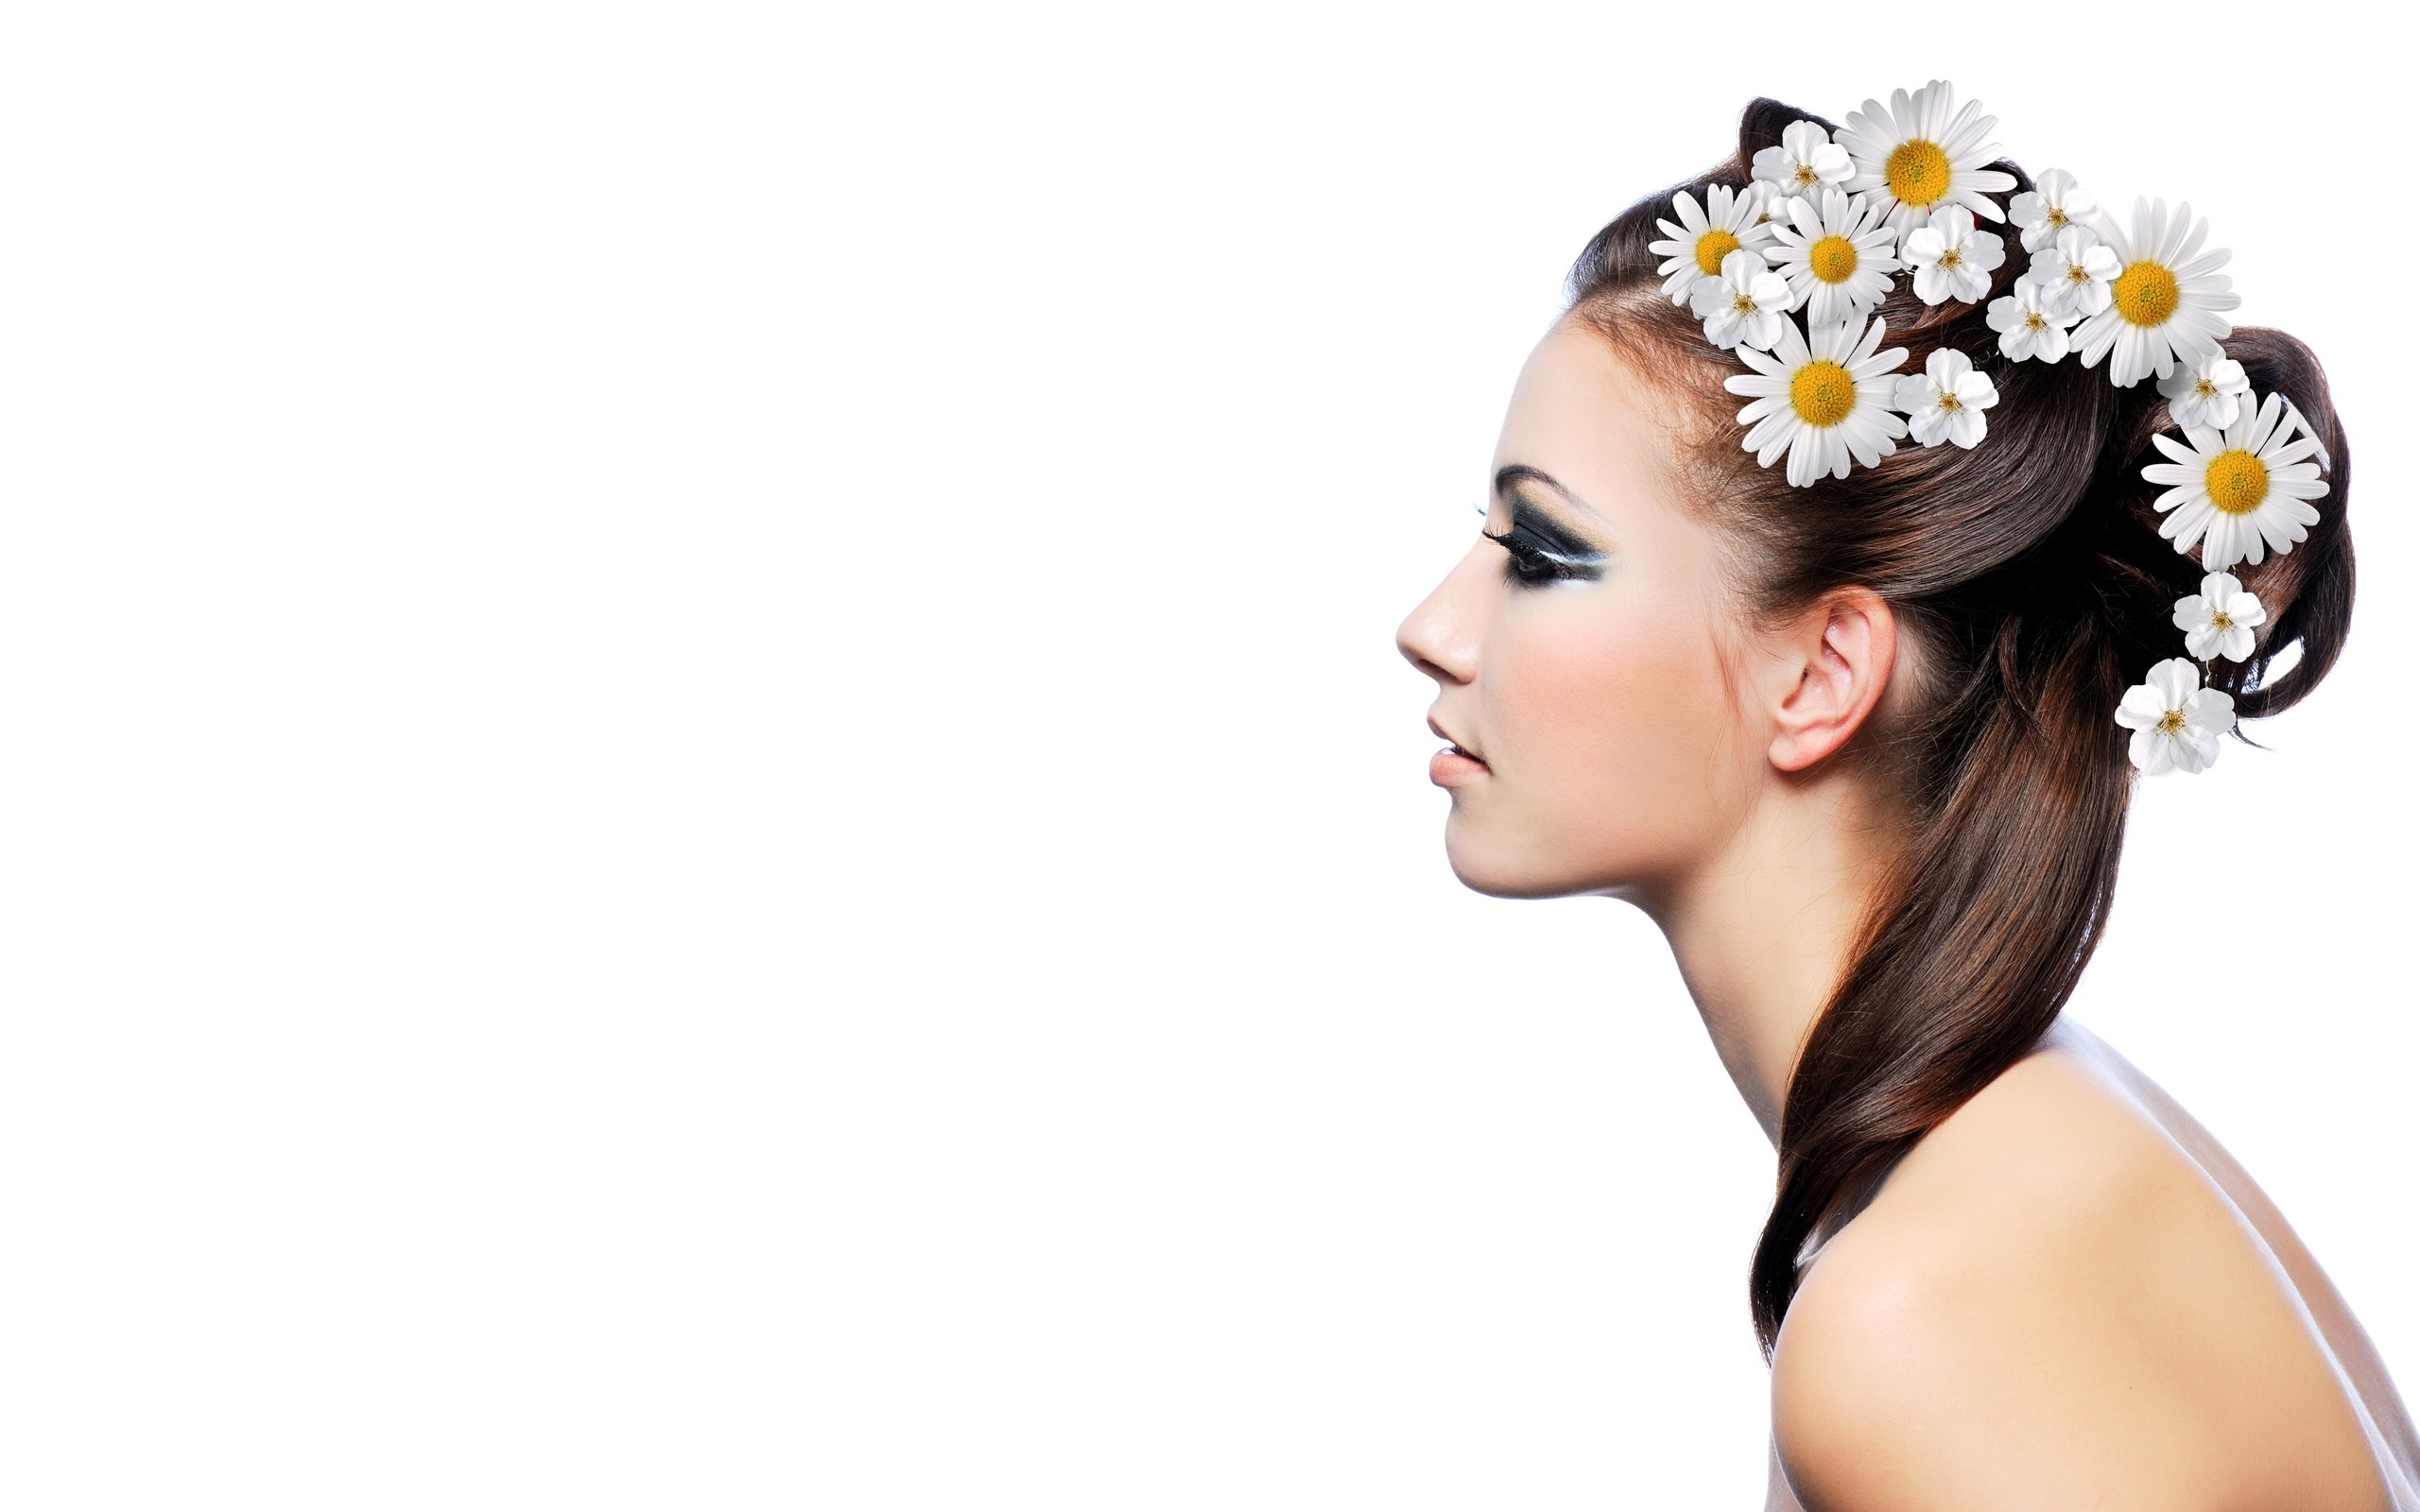 Peinado con flores - 2560x1600